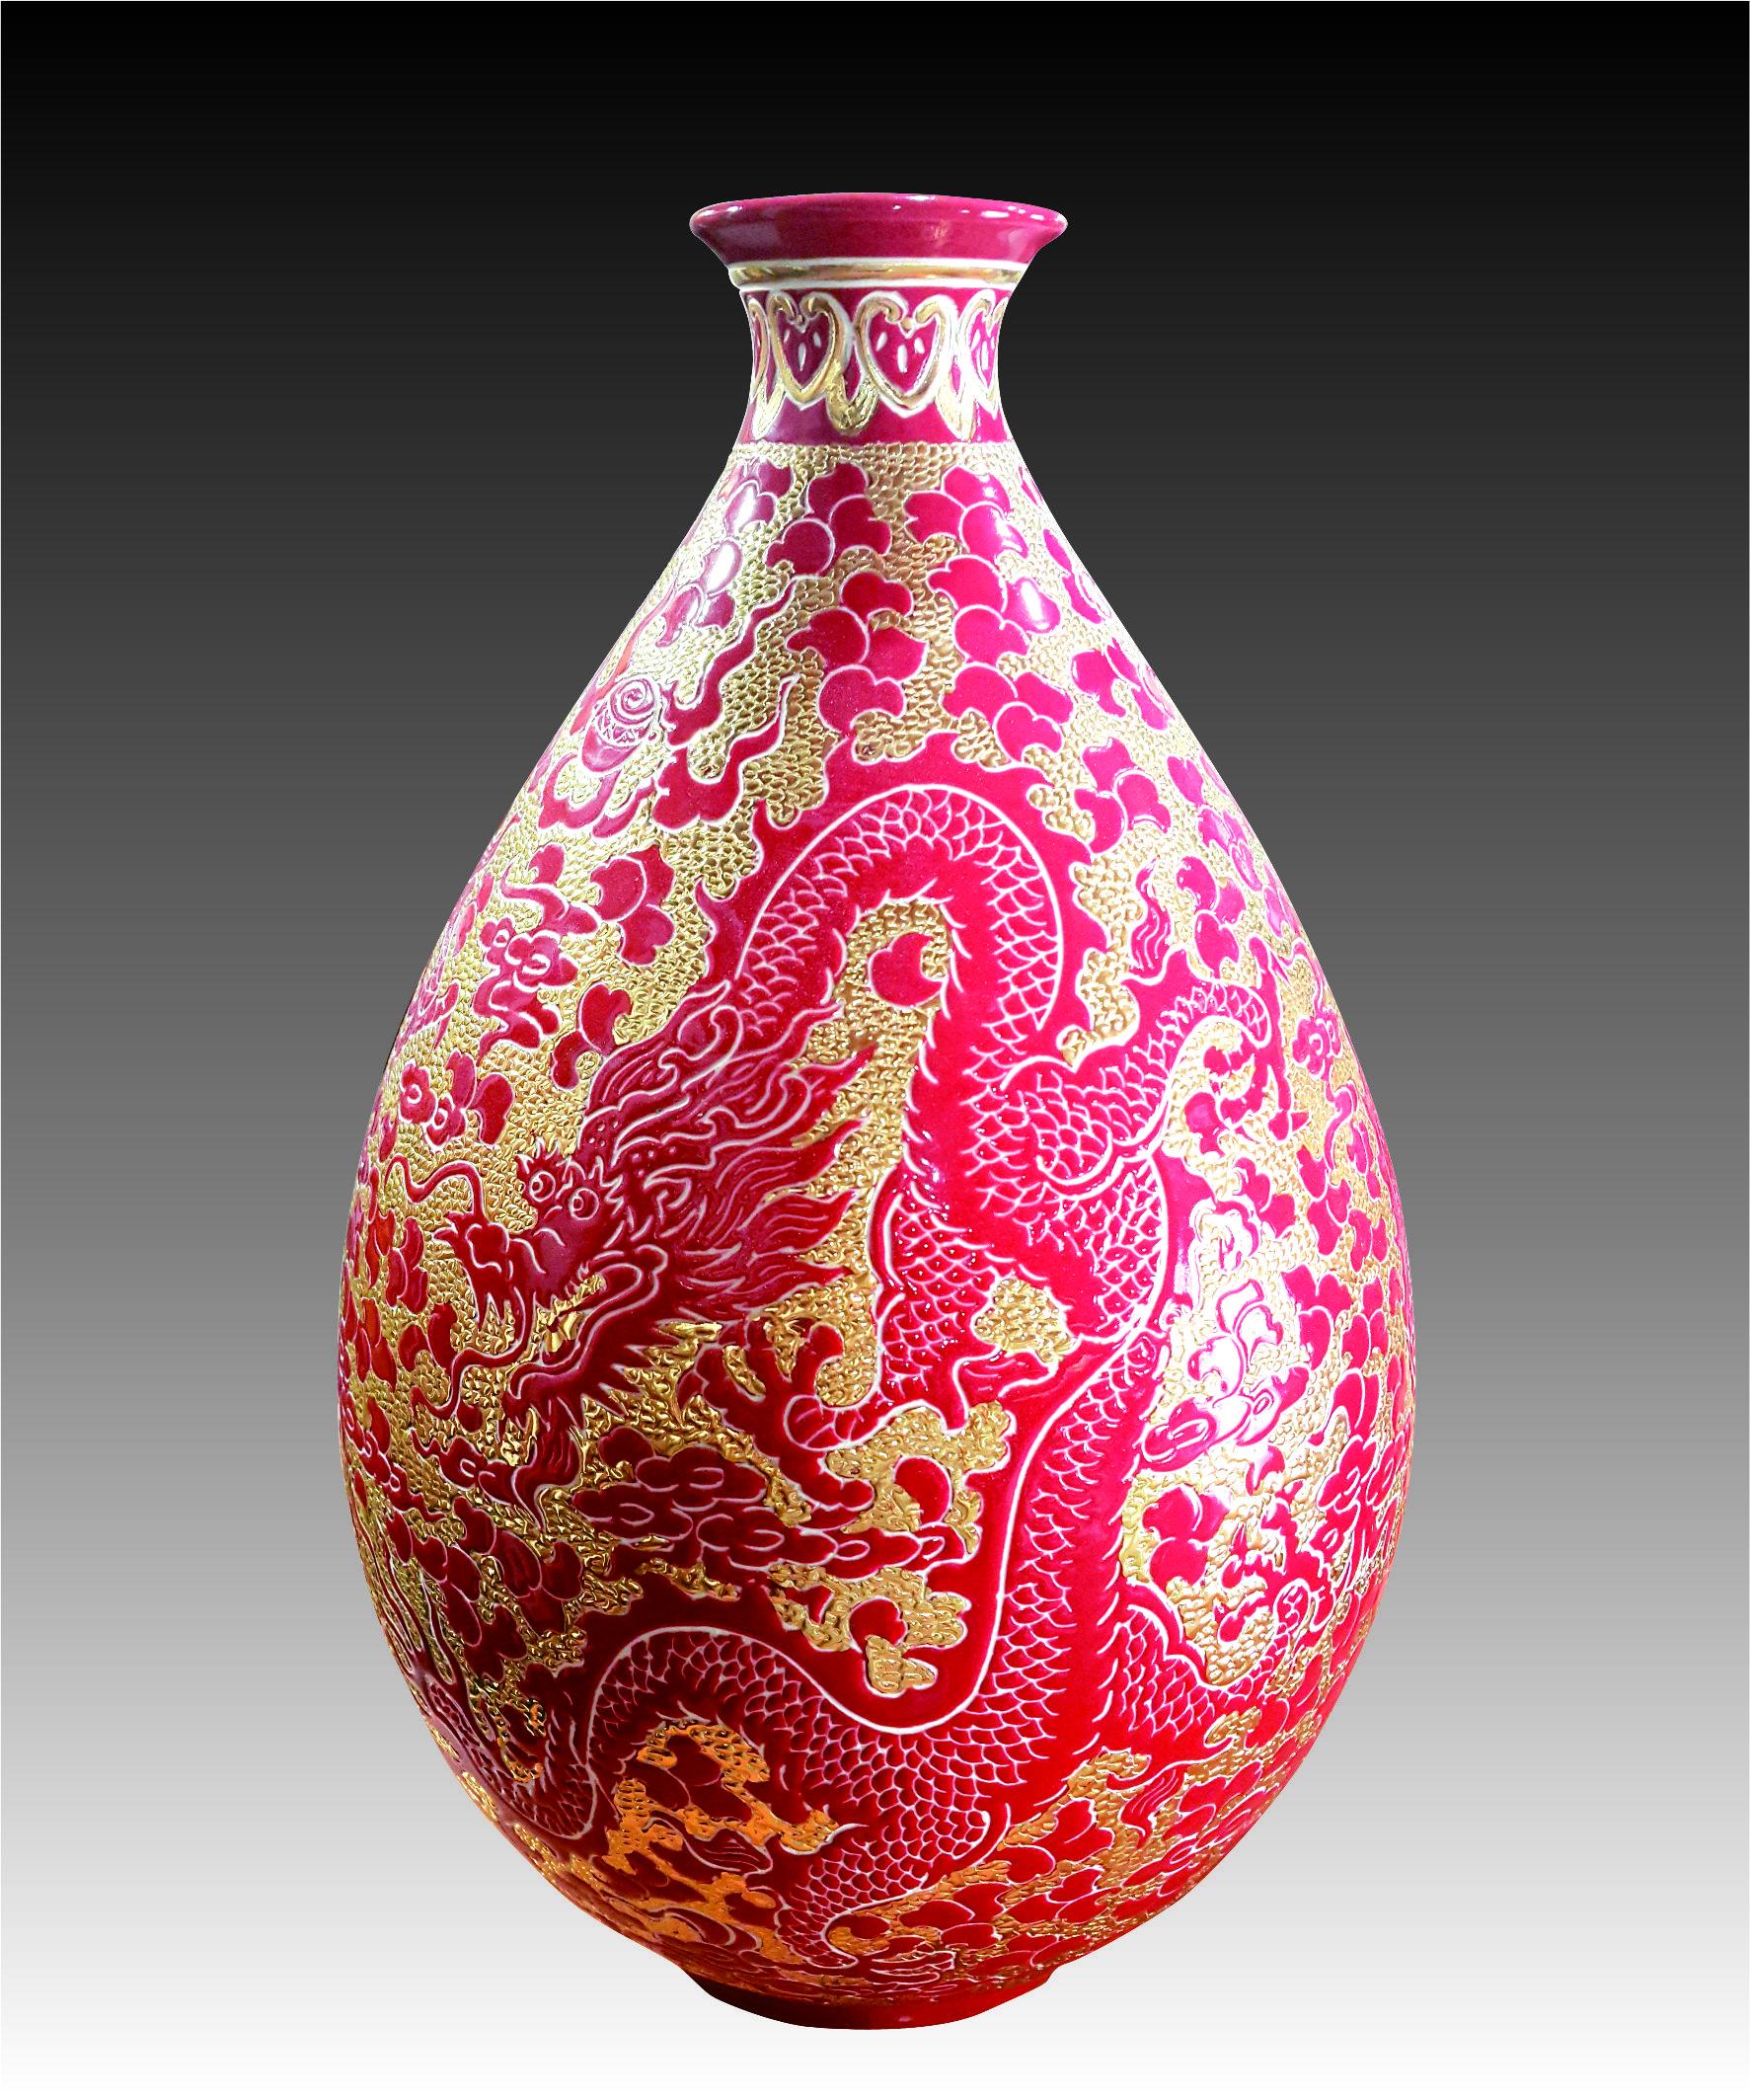 彩金紅釉刻繪龍玉壺瓶